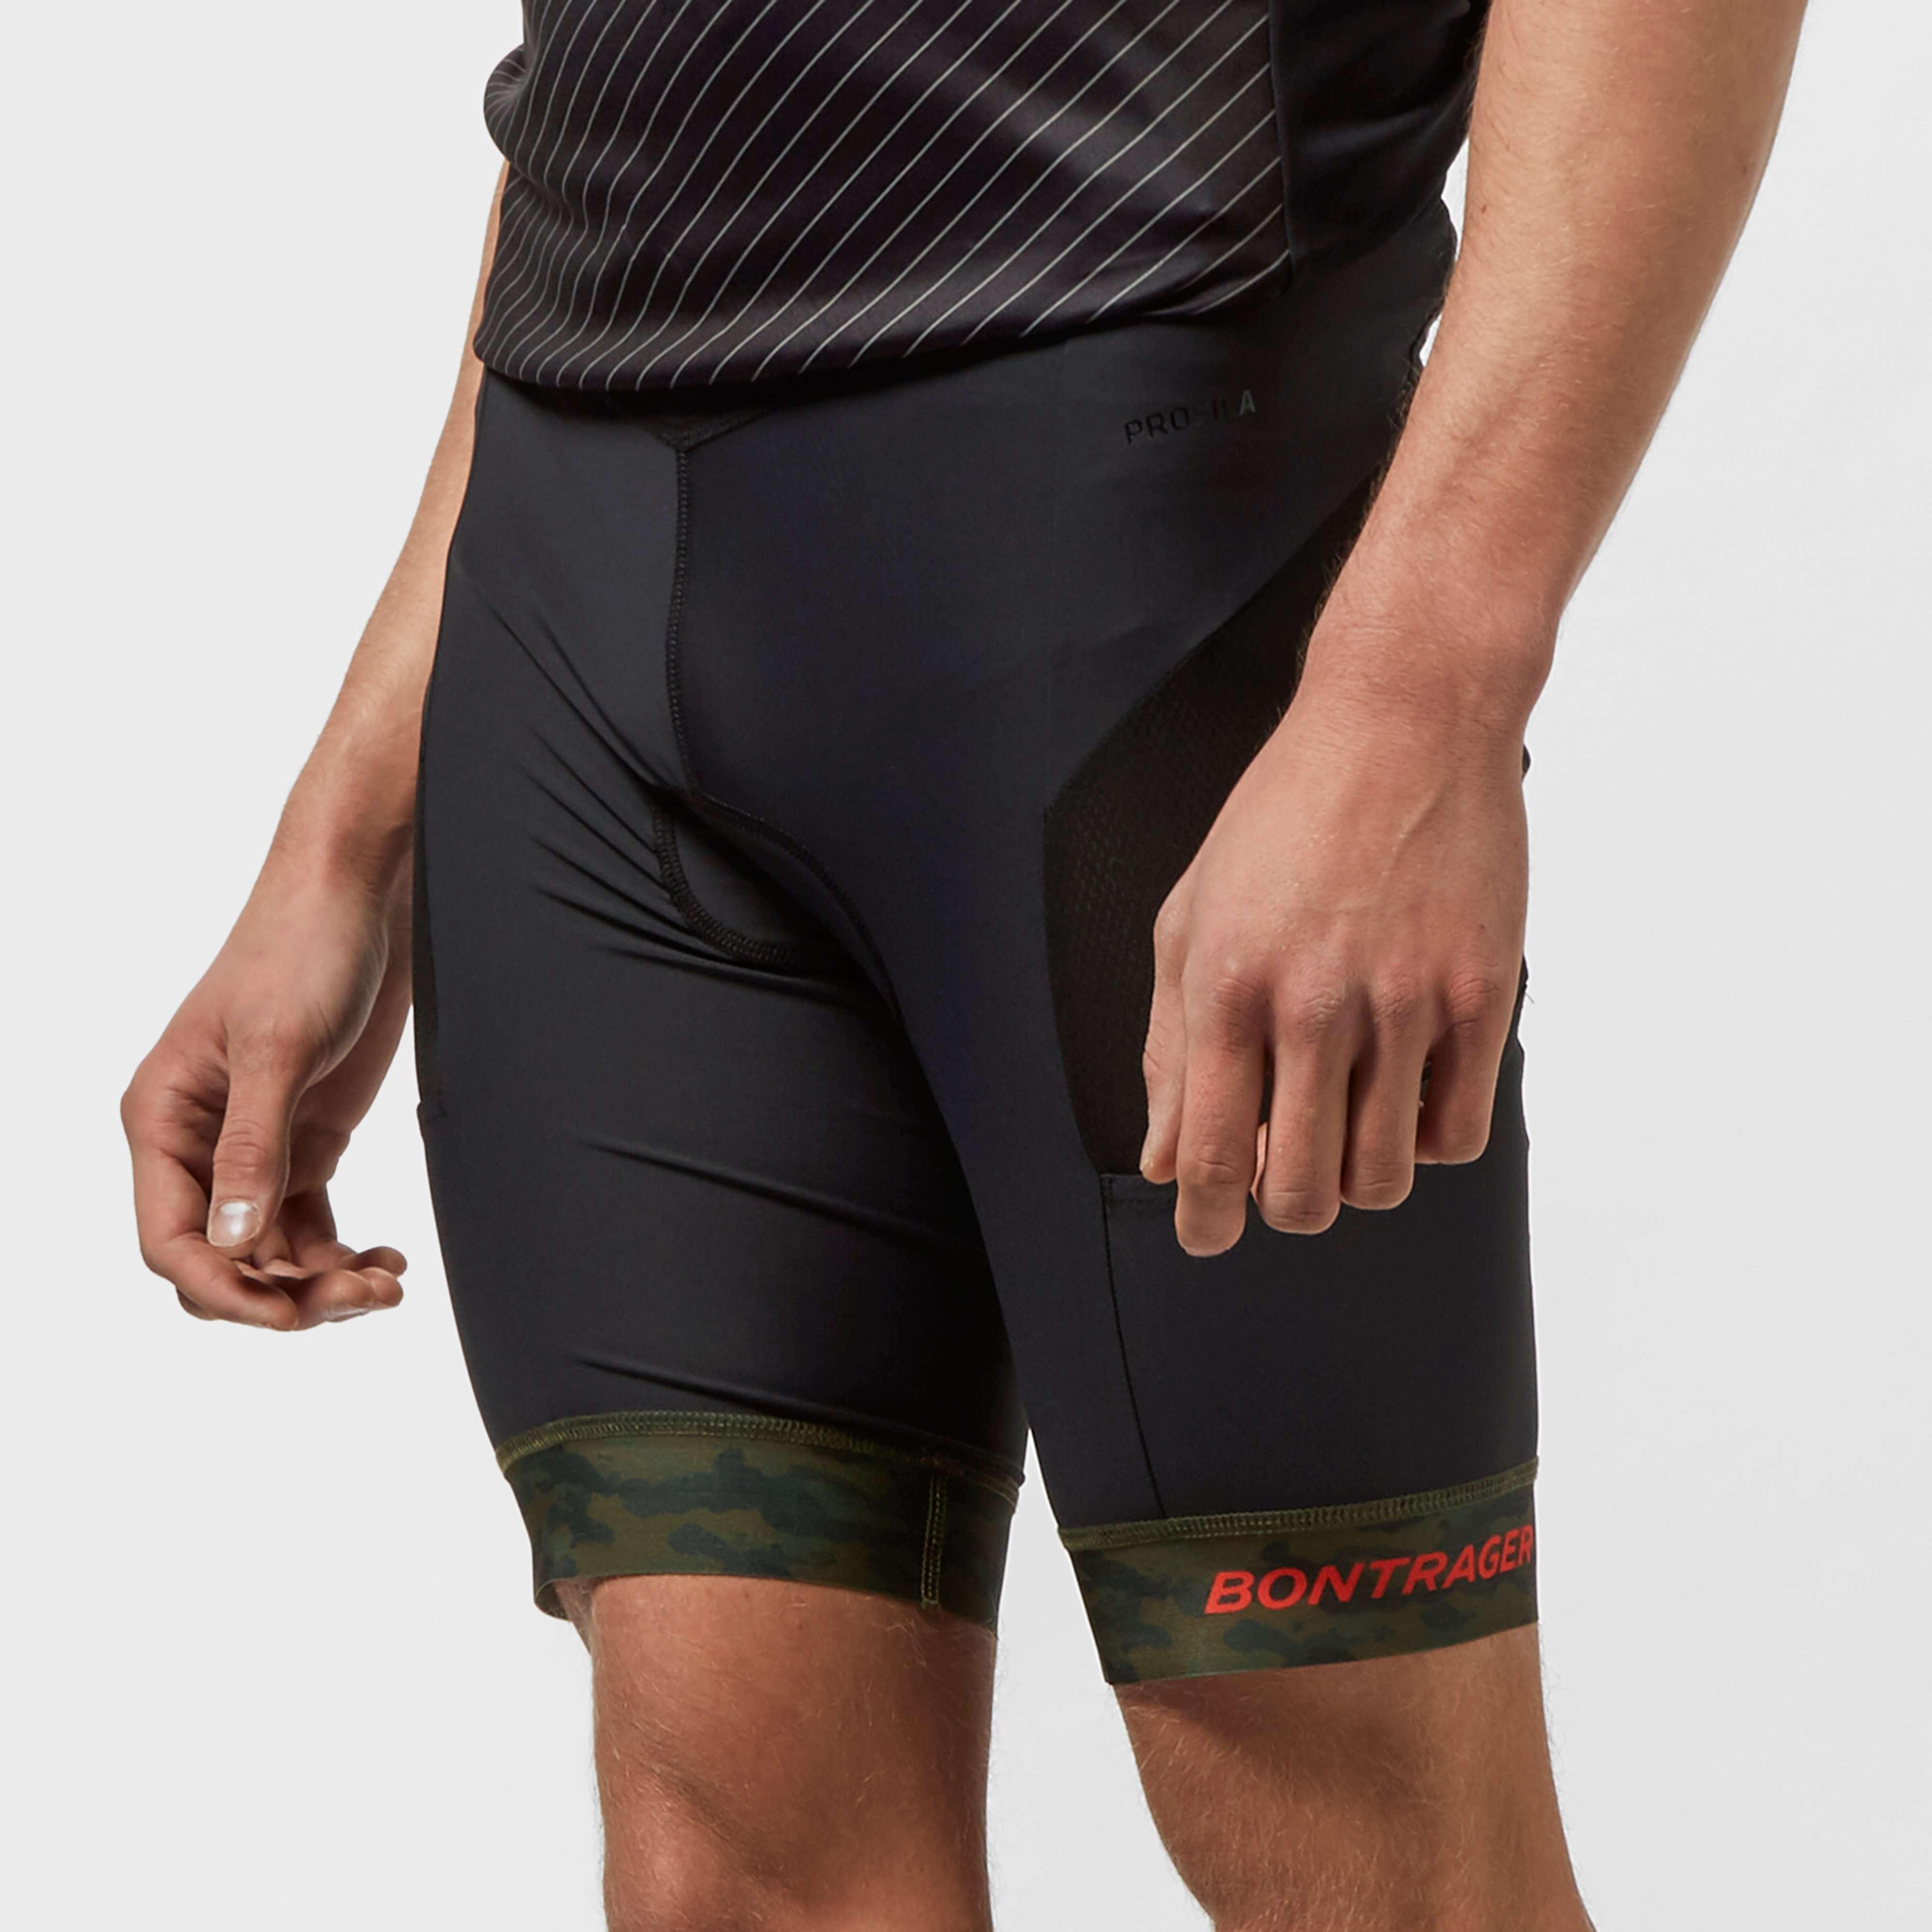 BONTRAGER Men's Troslo inForm Liner Shorts